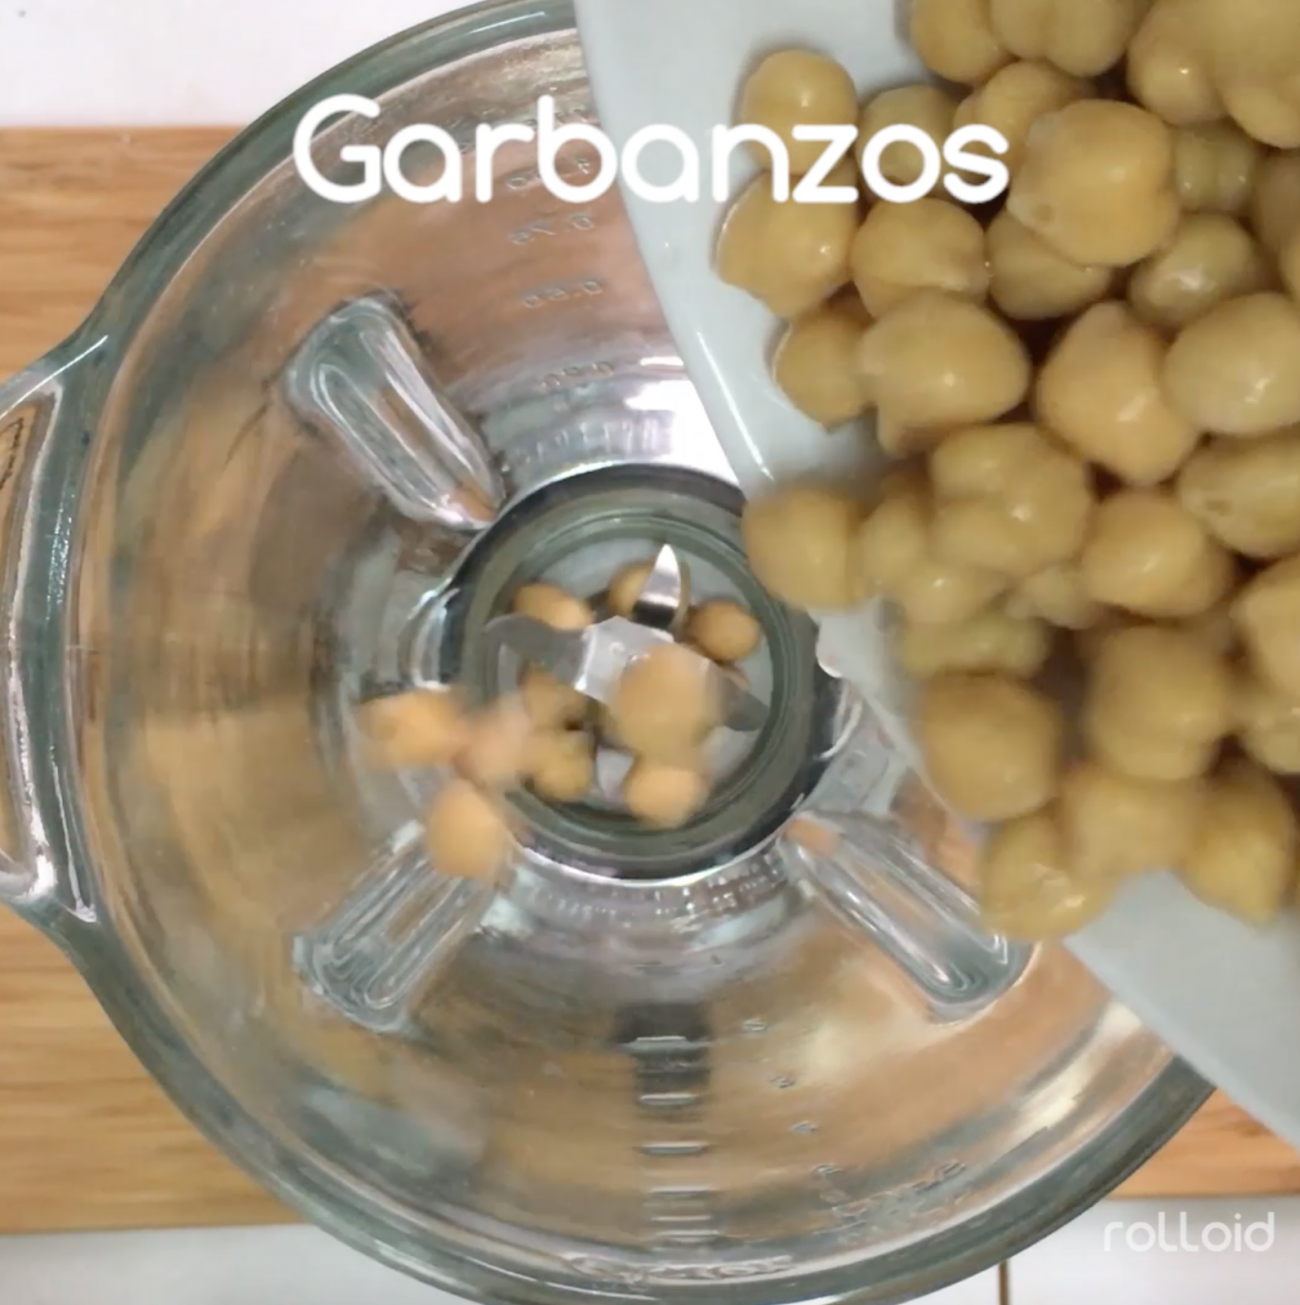 Cómo preparar un delicioso Hummus fácilmente